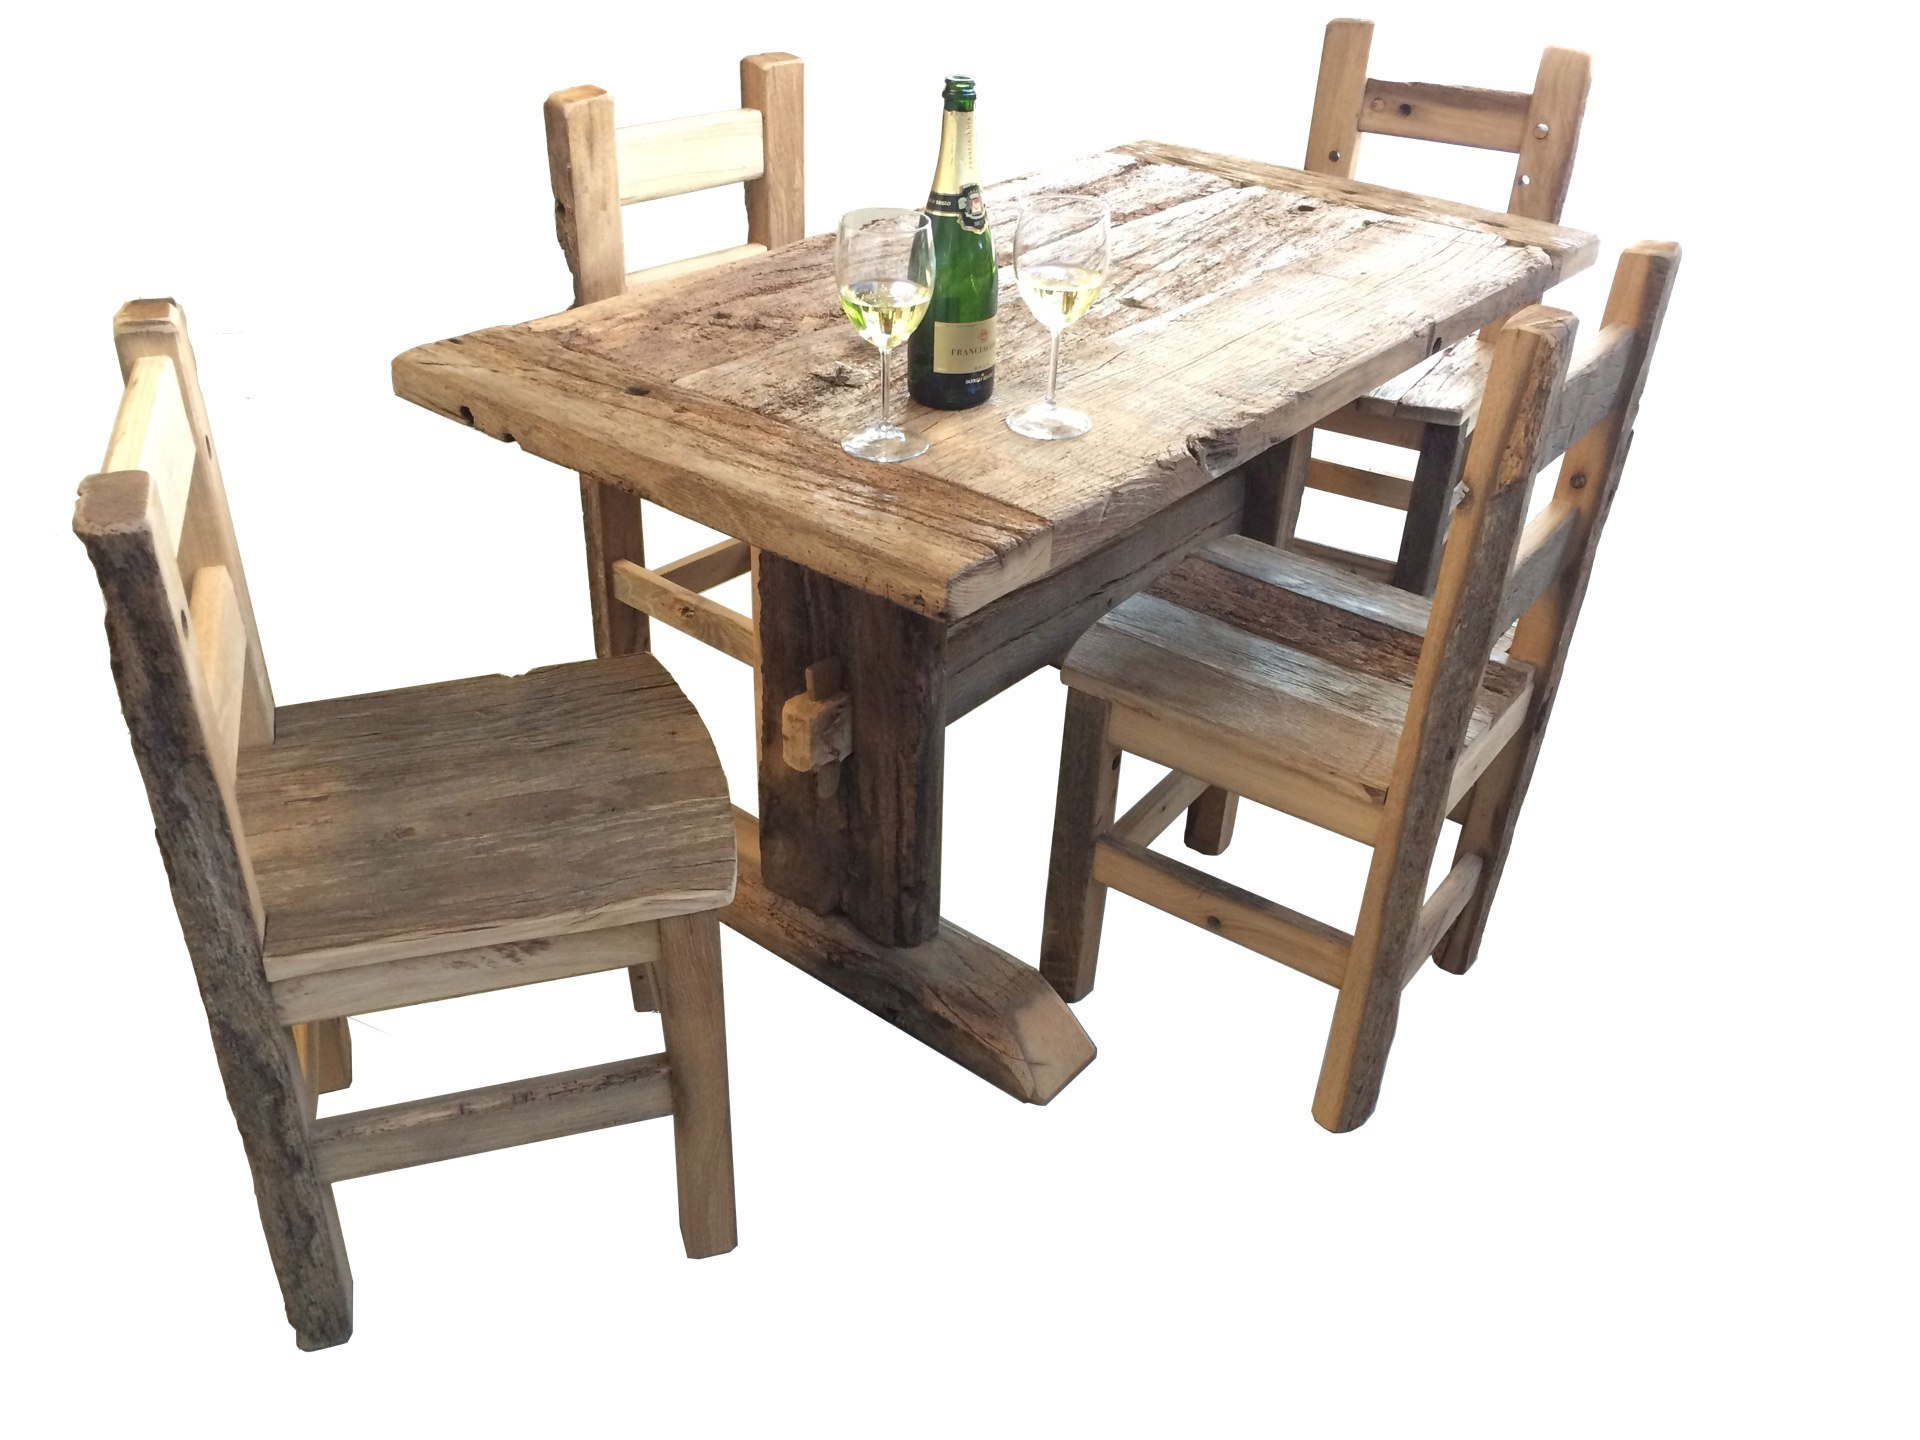 Tavoli sedie arredamenti porte finestre in legno antico - Dwg tavolo con sedie ...